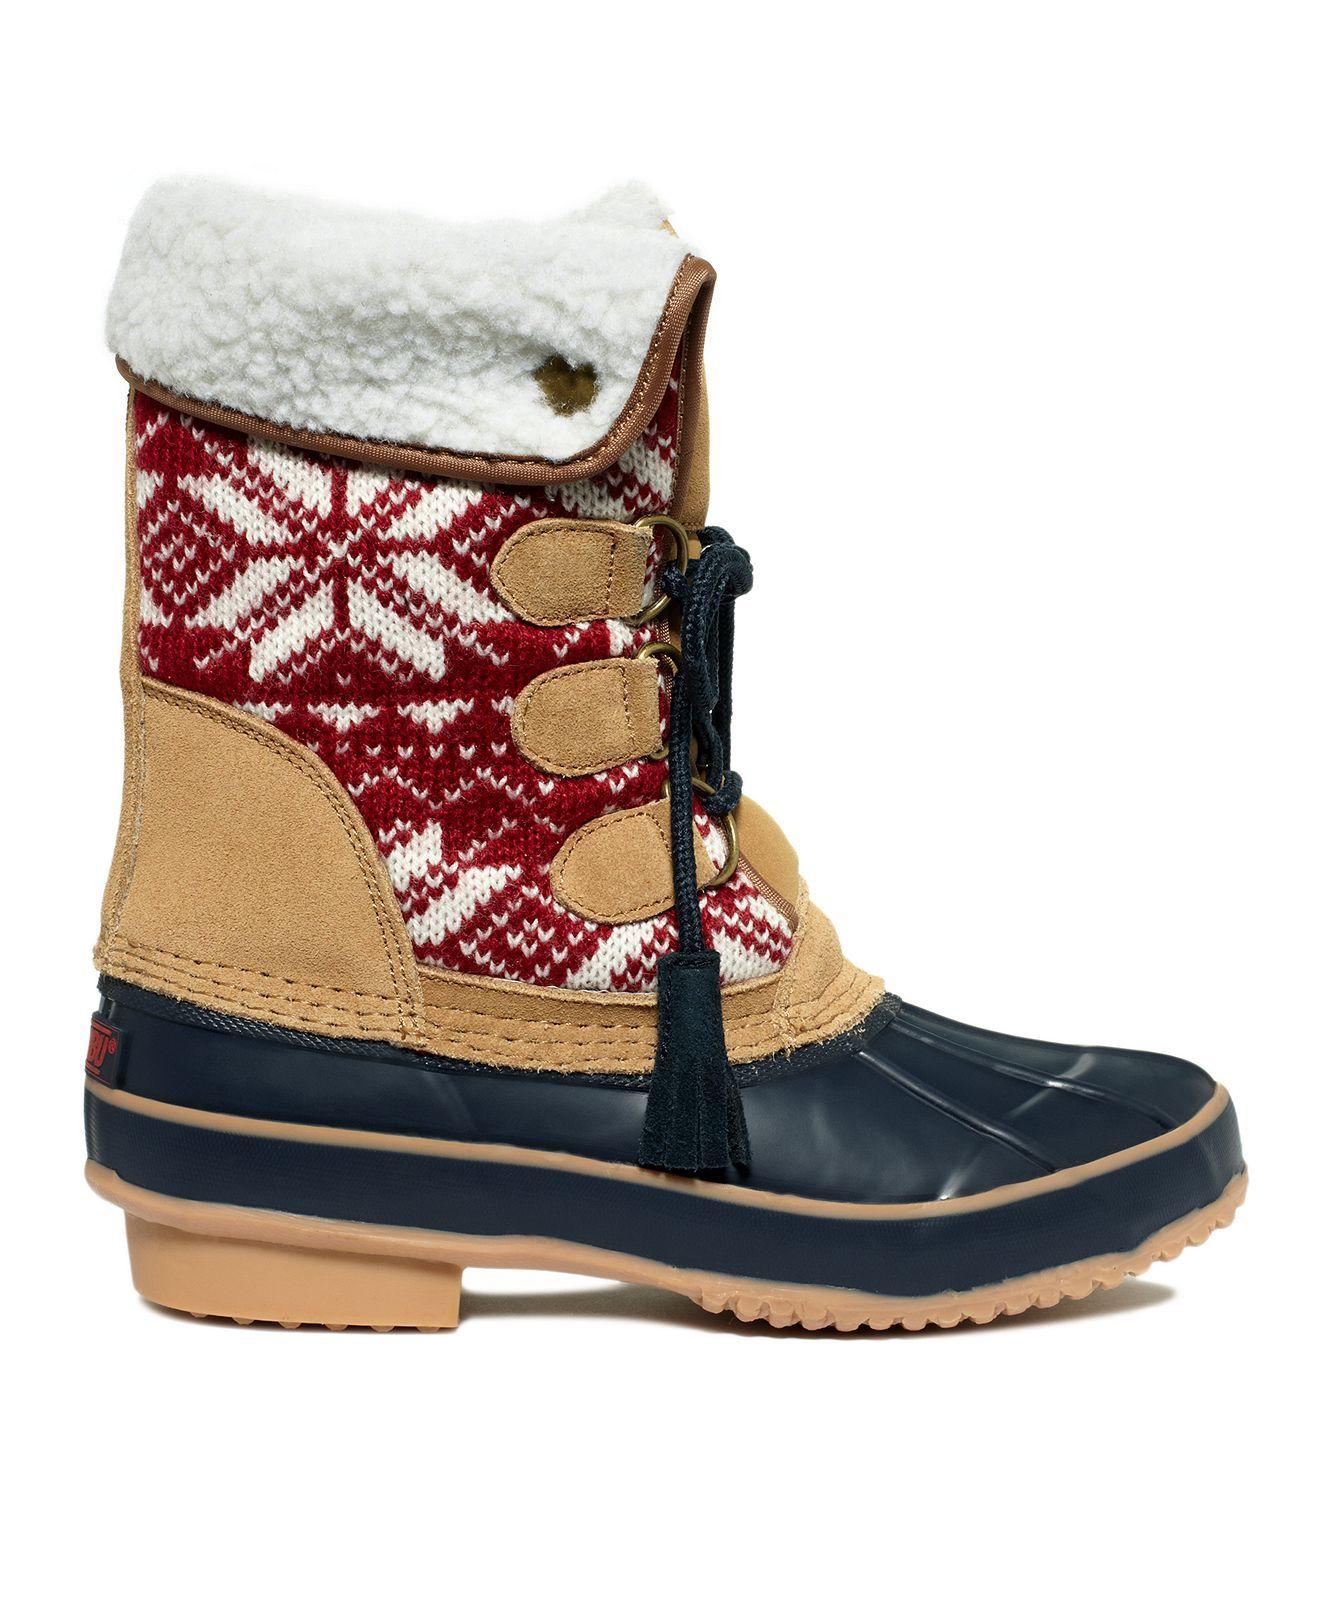 Khombu Shoes, Aztec Faux-Fur Boots